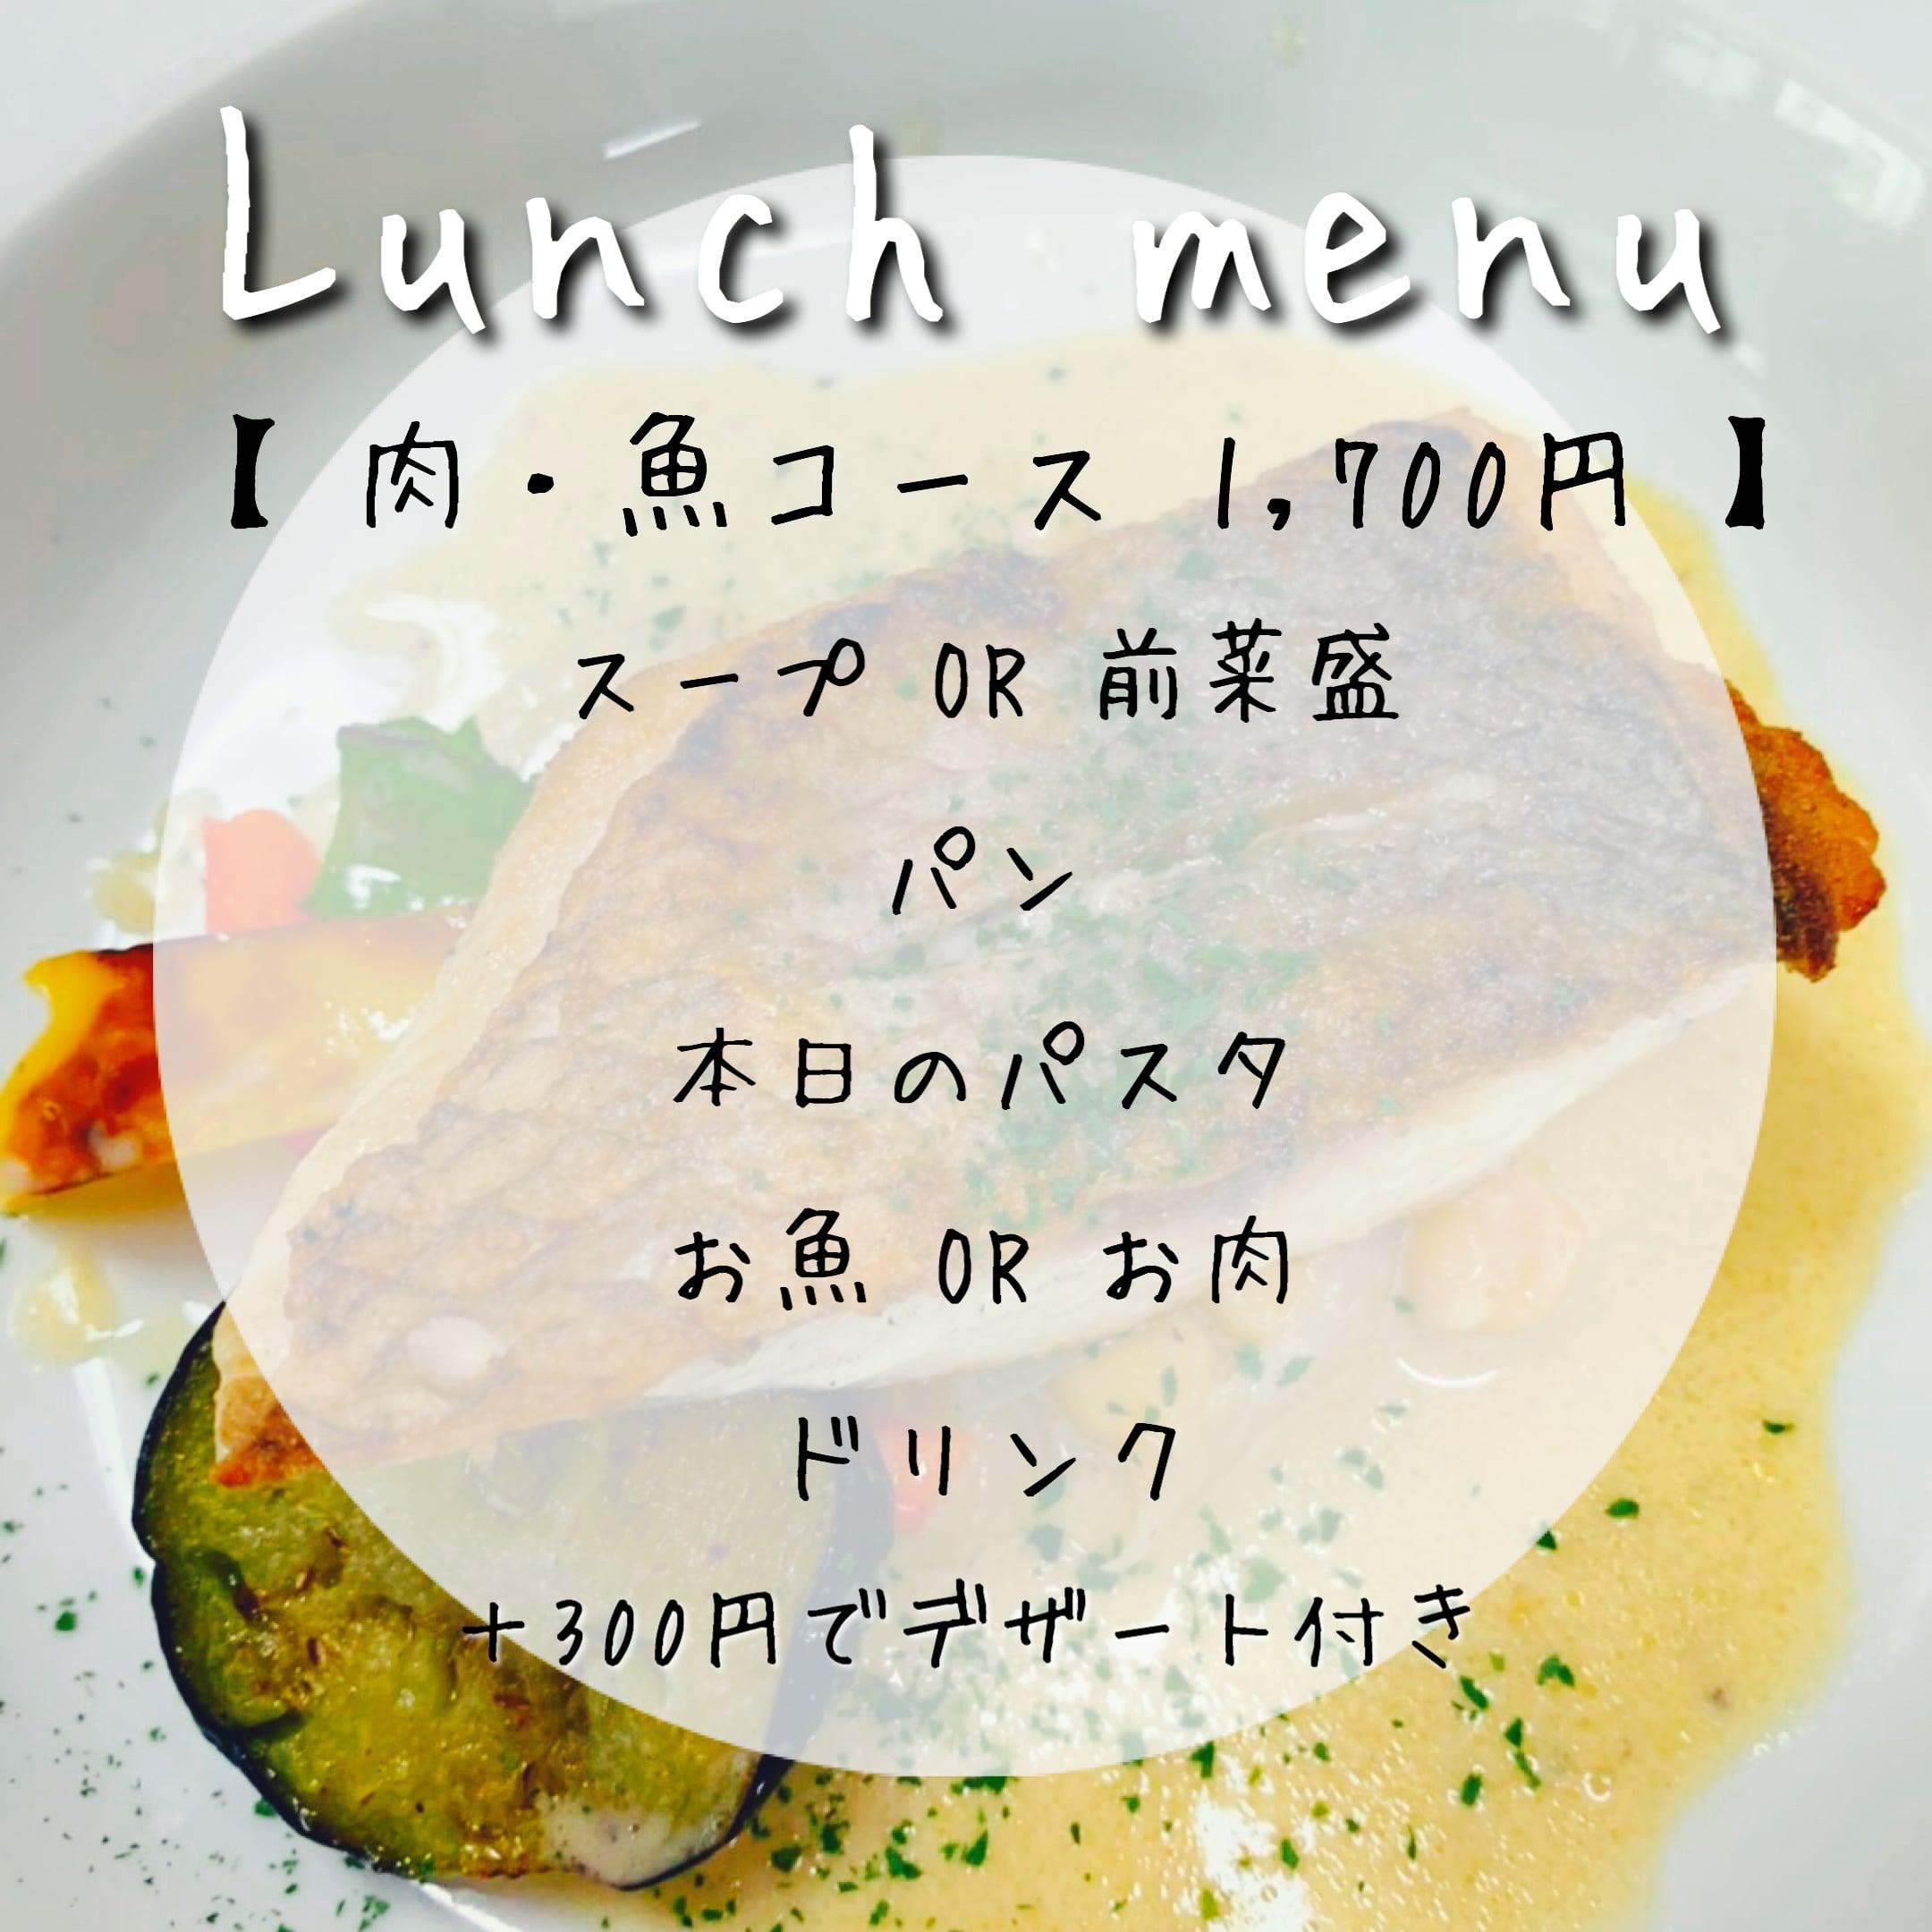 ランチコースチケット【肉/魚コース】のイメージその1